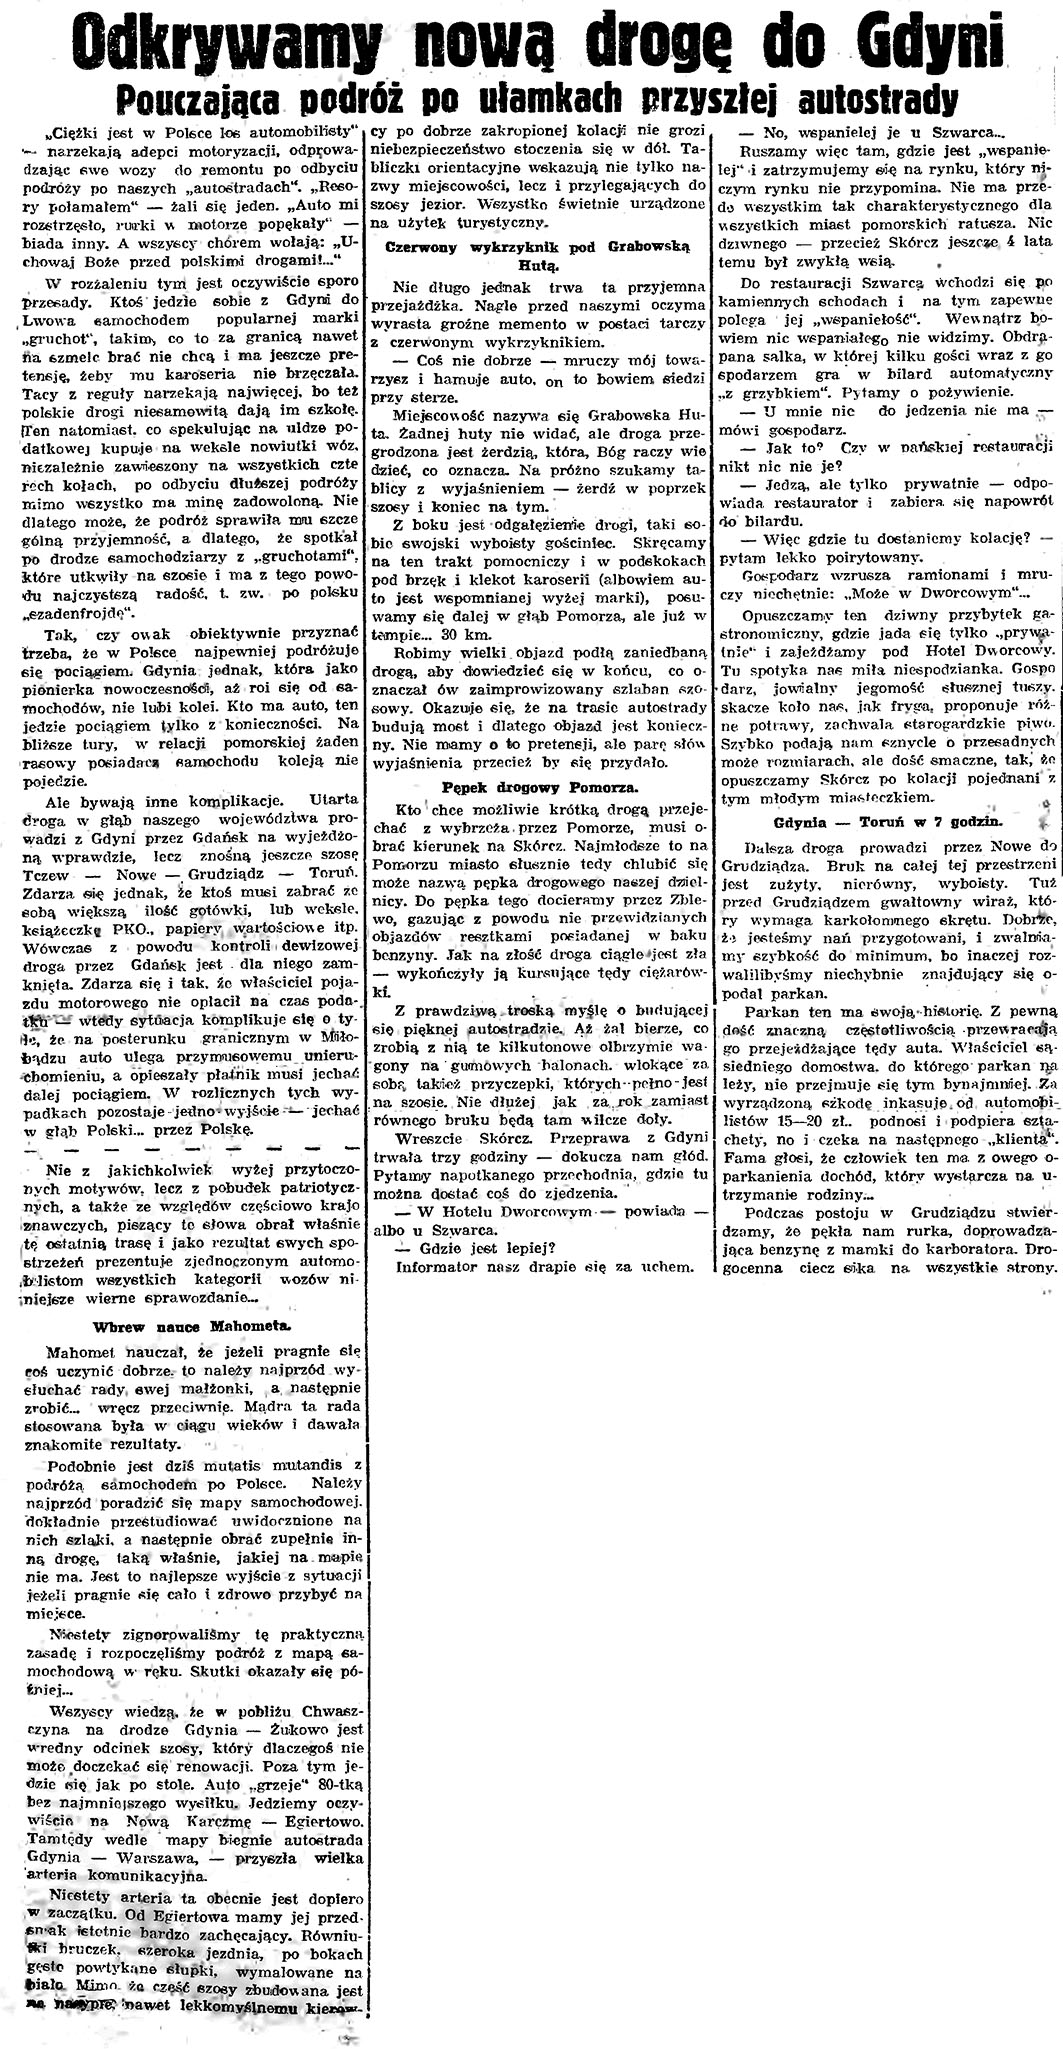 Odkrywamy nowa drogę do Gdyni. Pouczająca podróż po ułamkach przyszłej autostrady // Gazeta Gdańska. - 1938, nr 148, s. 5